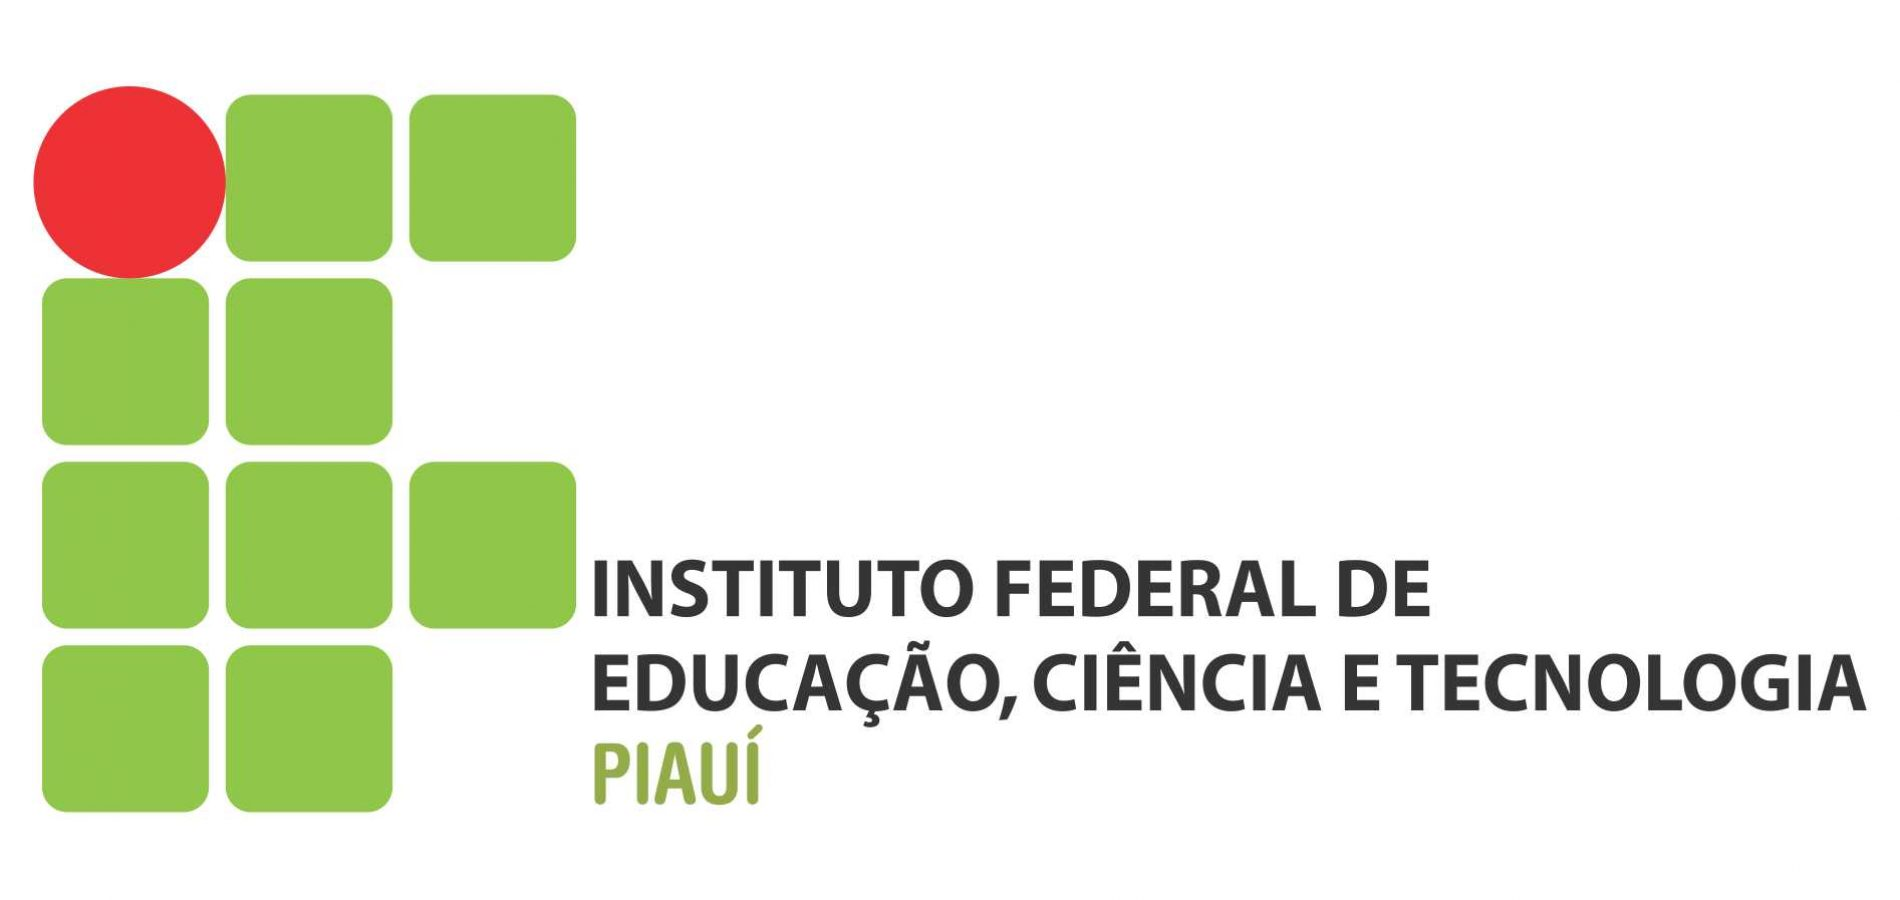 Instituto Federal do Piauí abre 40 vagas para curso técnico em Pio IX